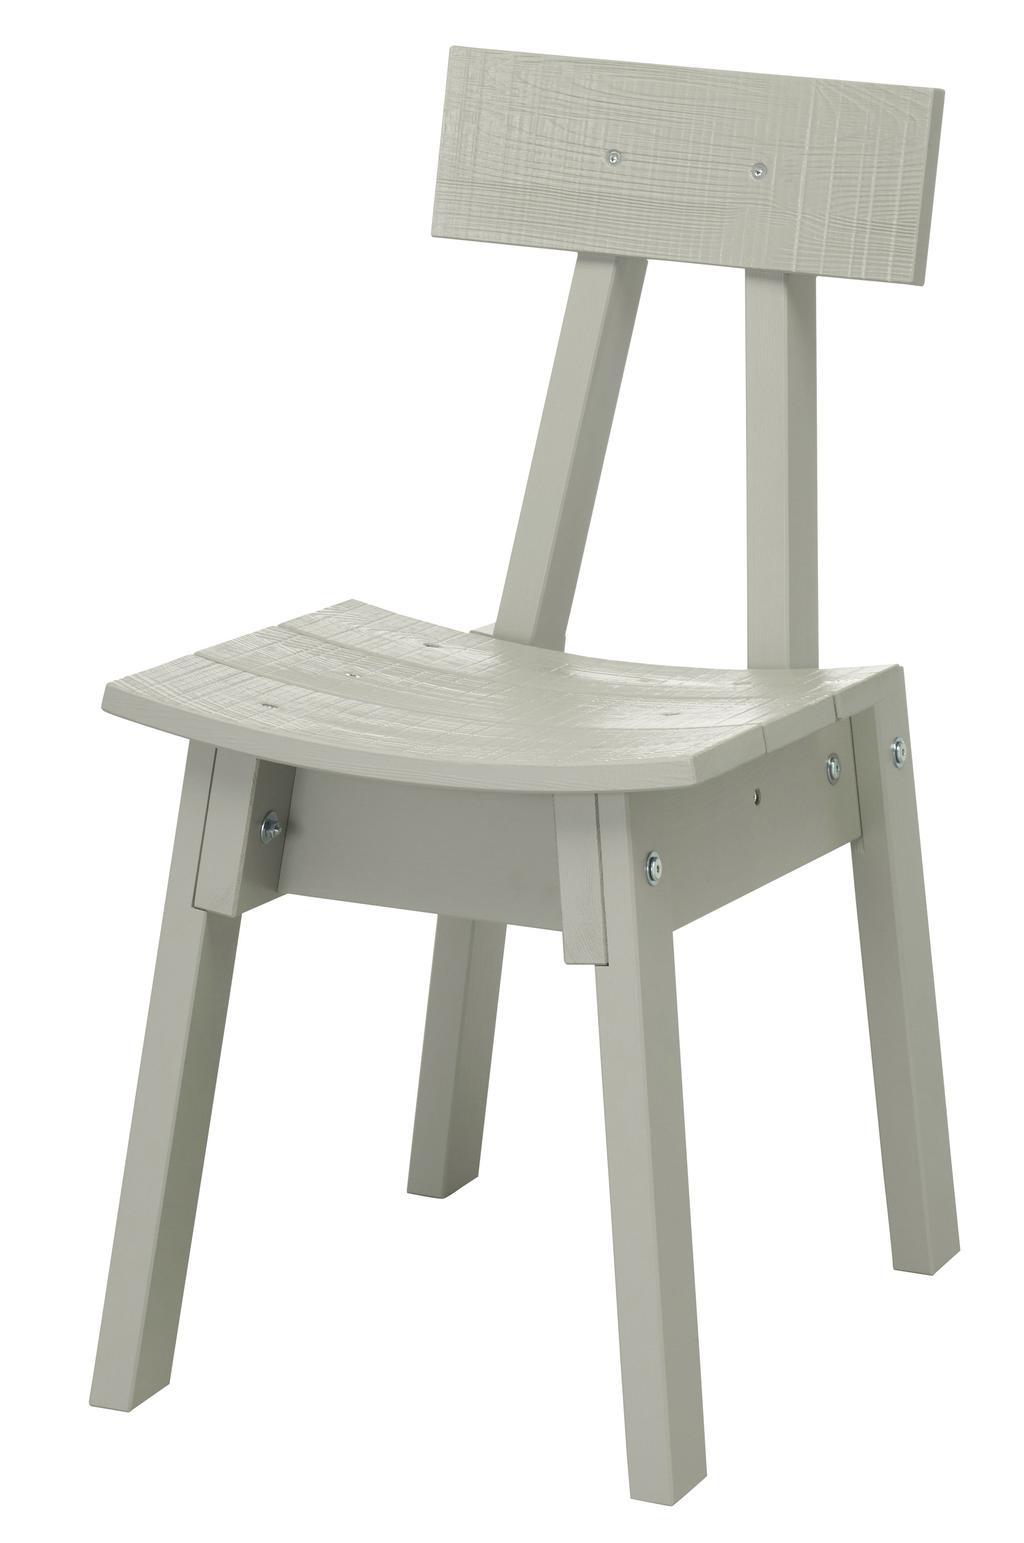 De grijze Industriell stoel van Piet Hein Eek